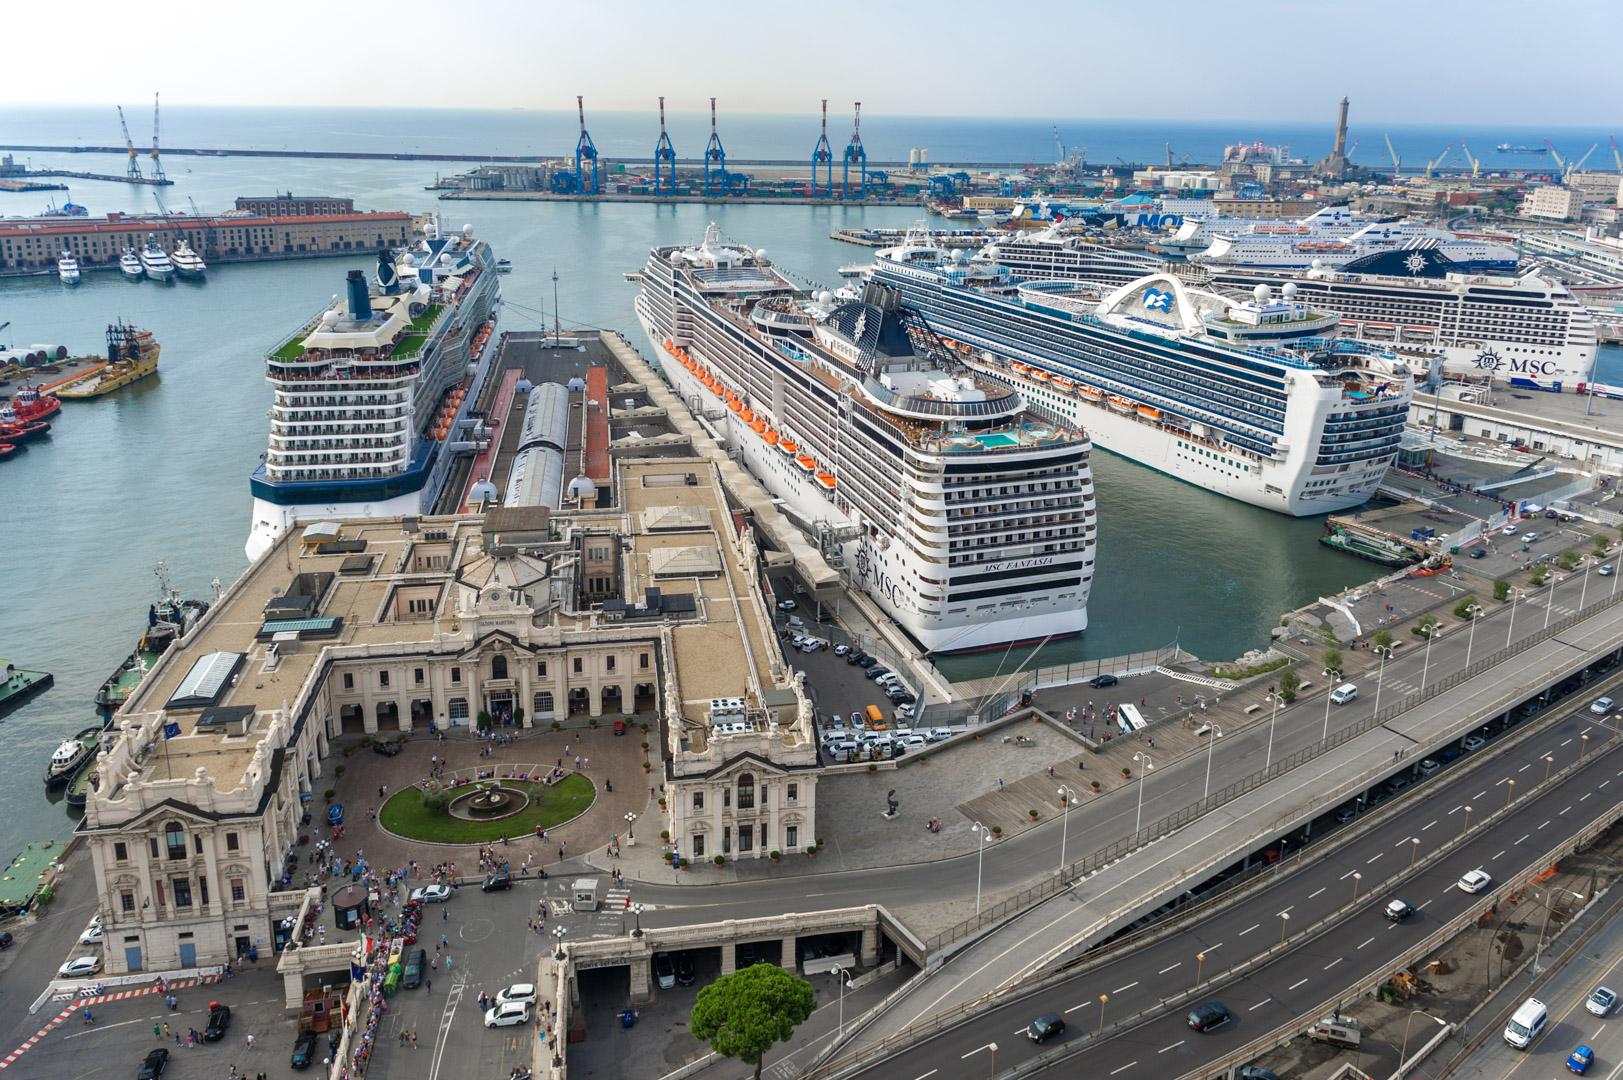 Genova_costa crociere rallentamento